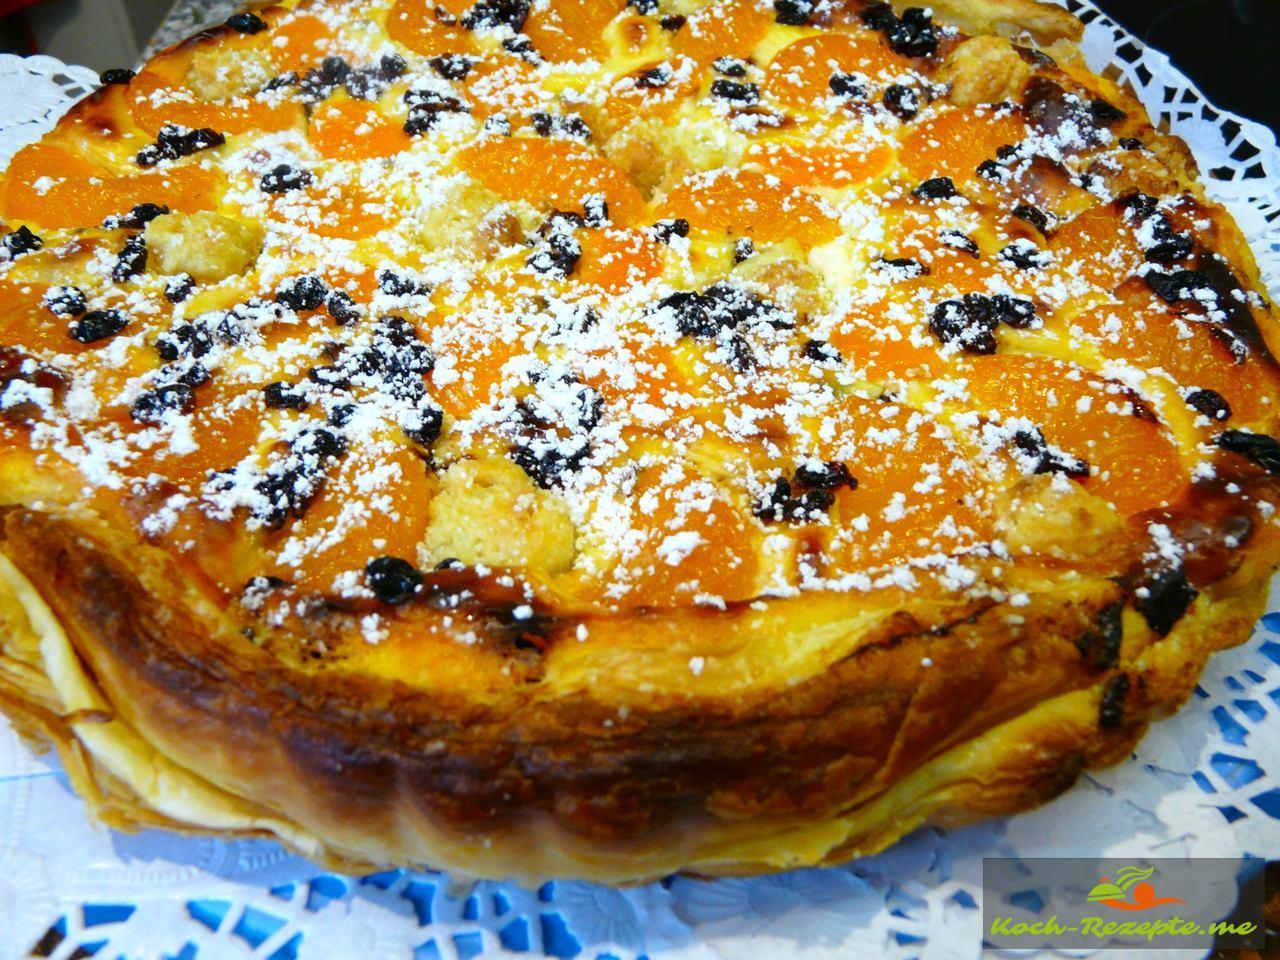 Blatterteig Quark Mandarinen Torte Einfach Schnell Backen